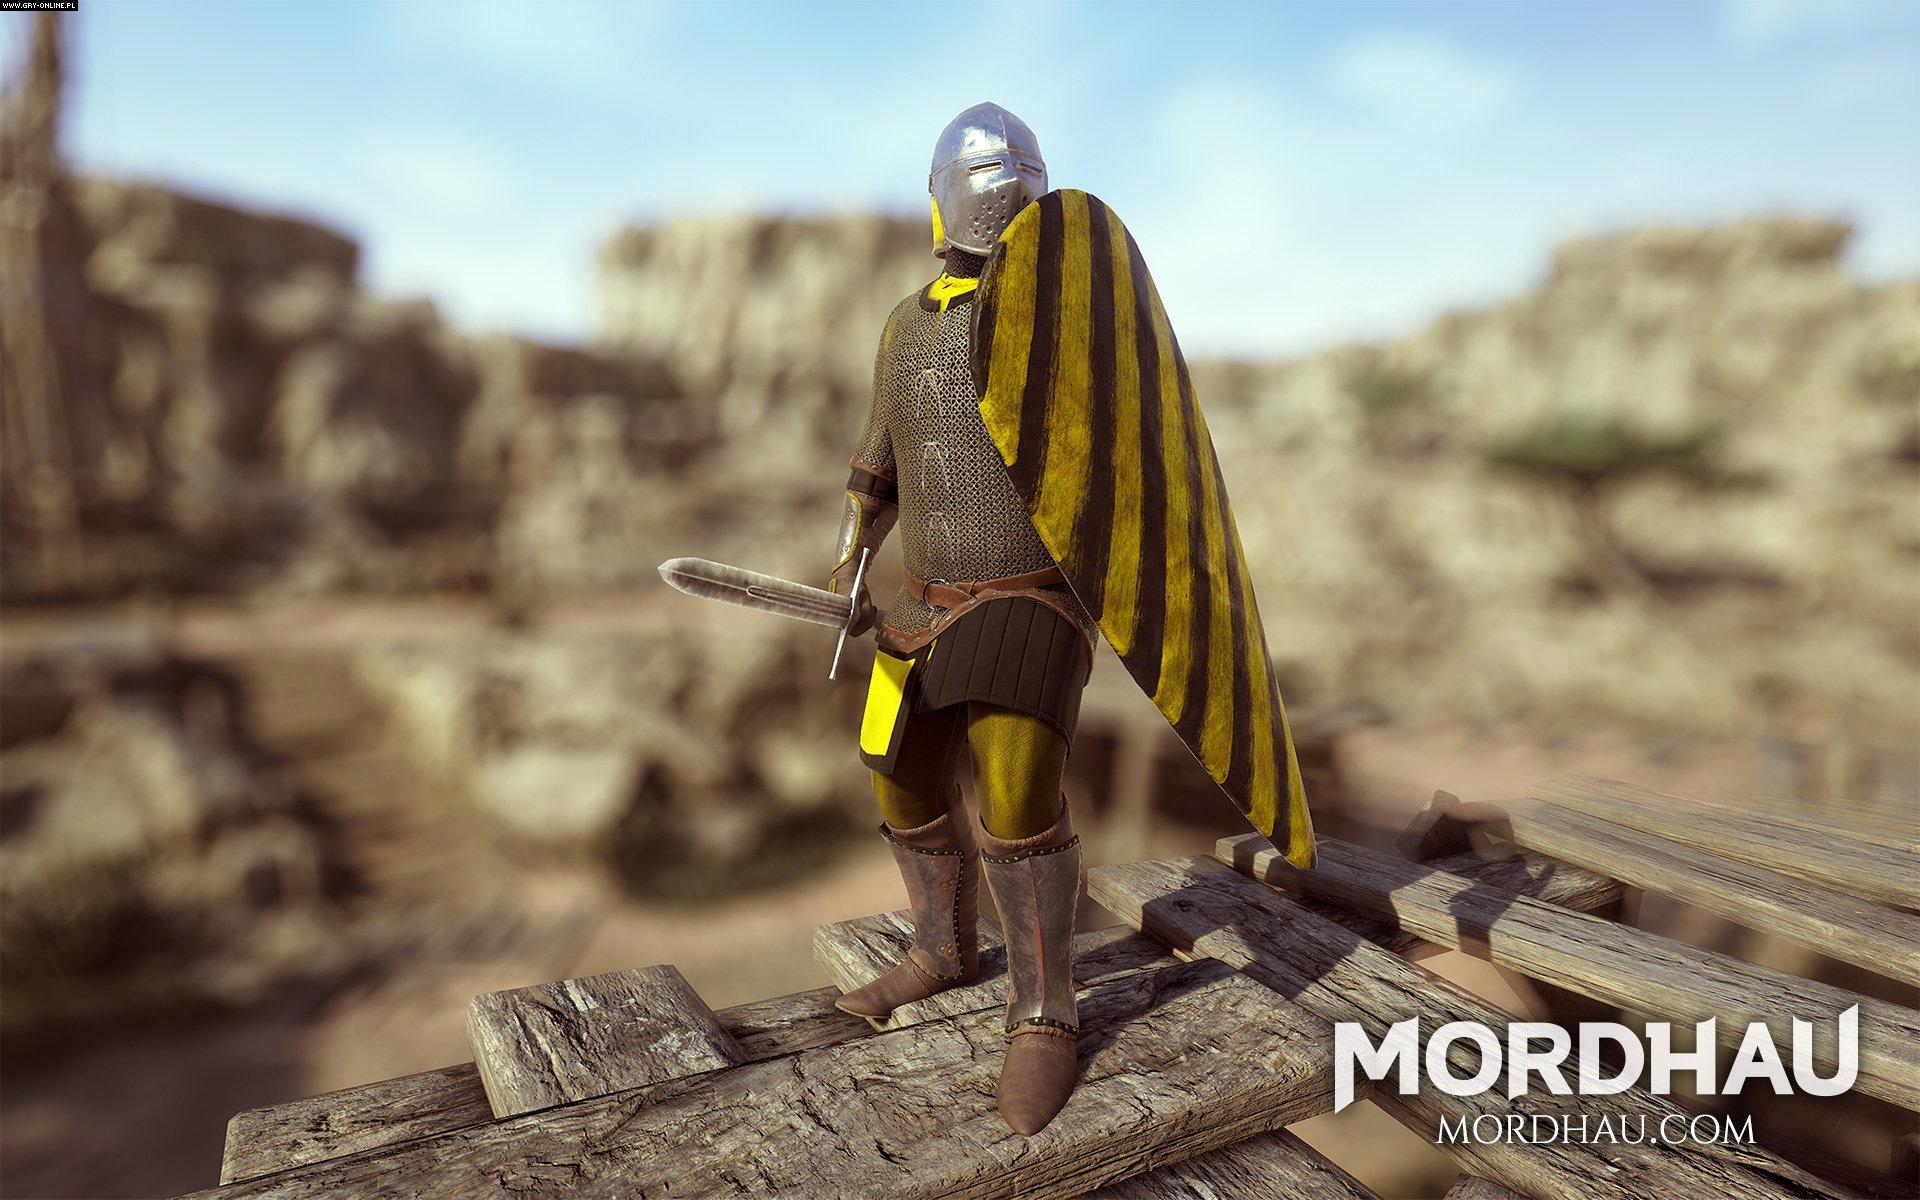 Mordhau PC Games Image 5/5, Team Mordhau